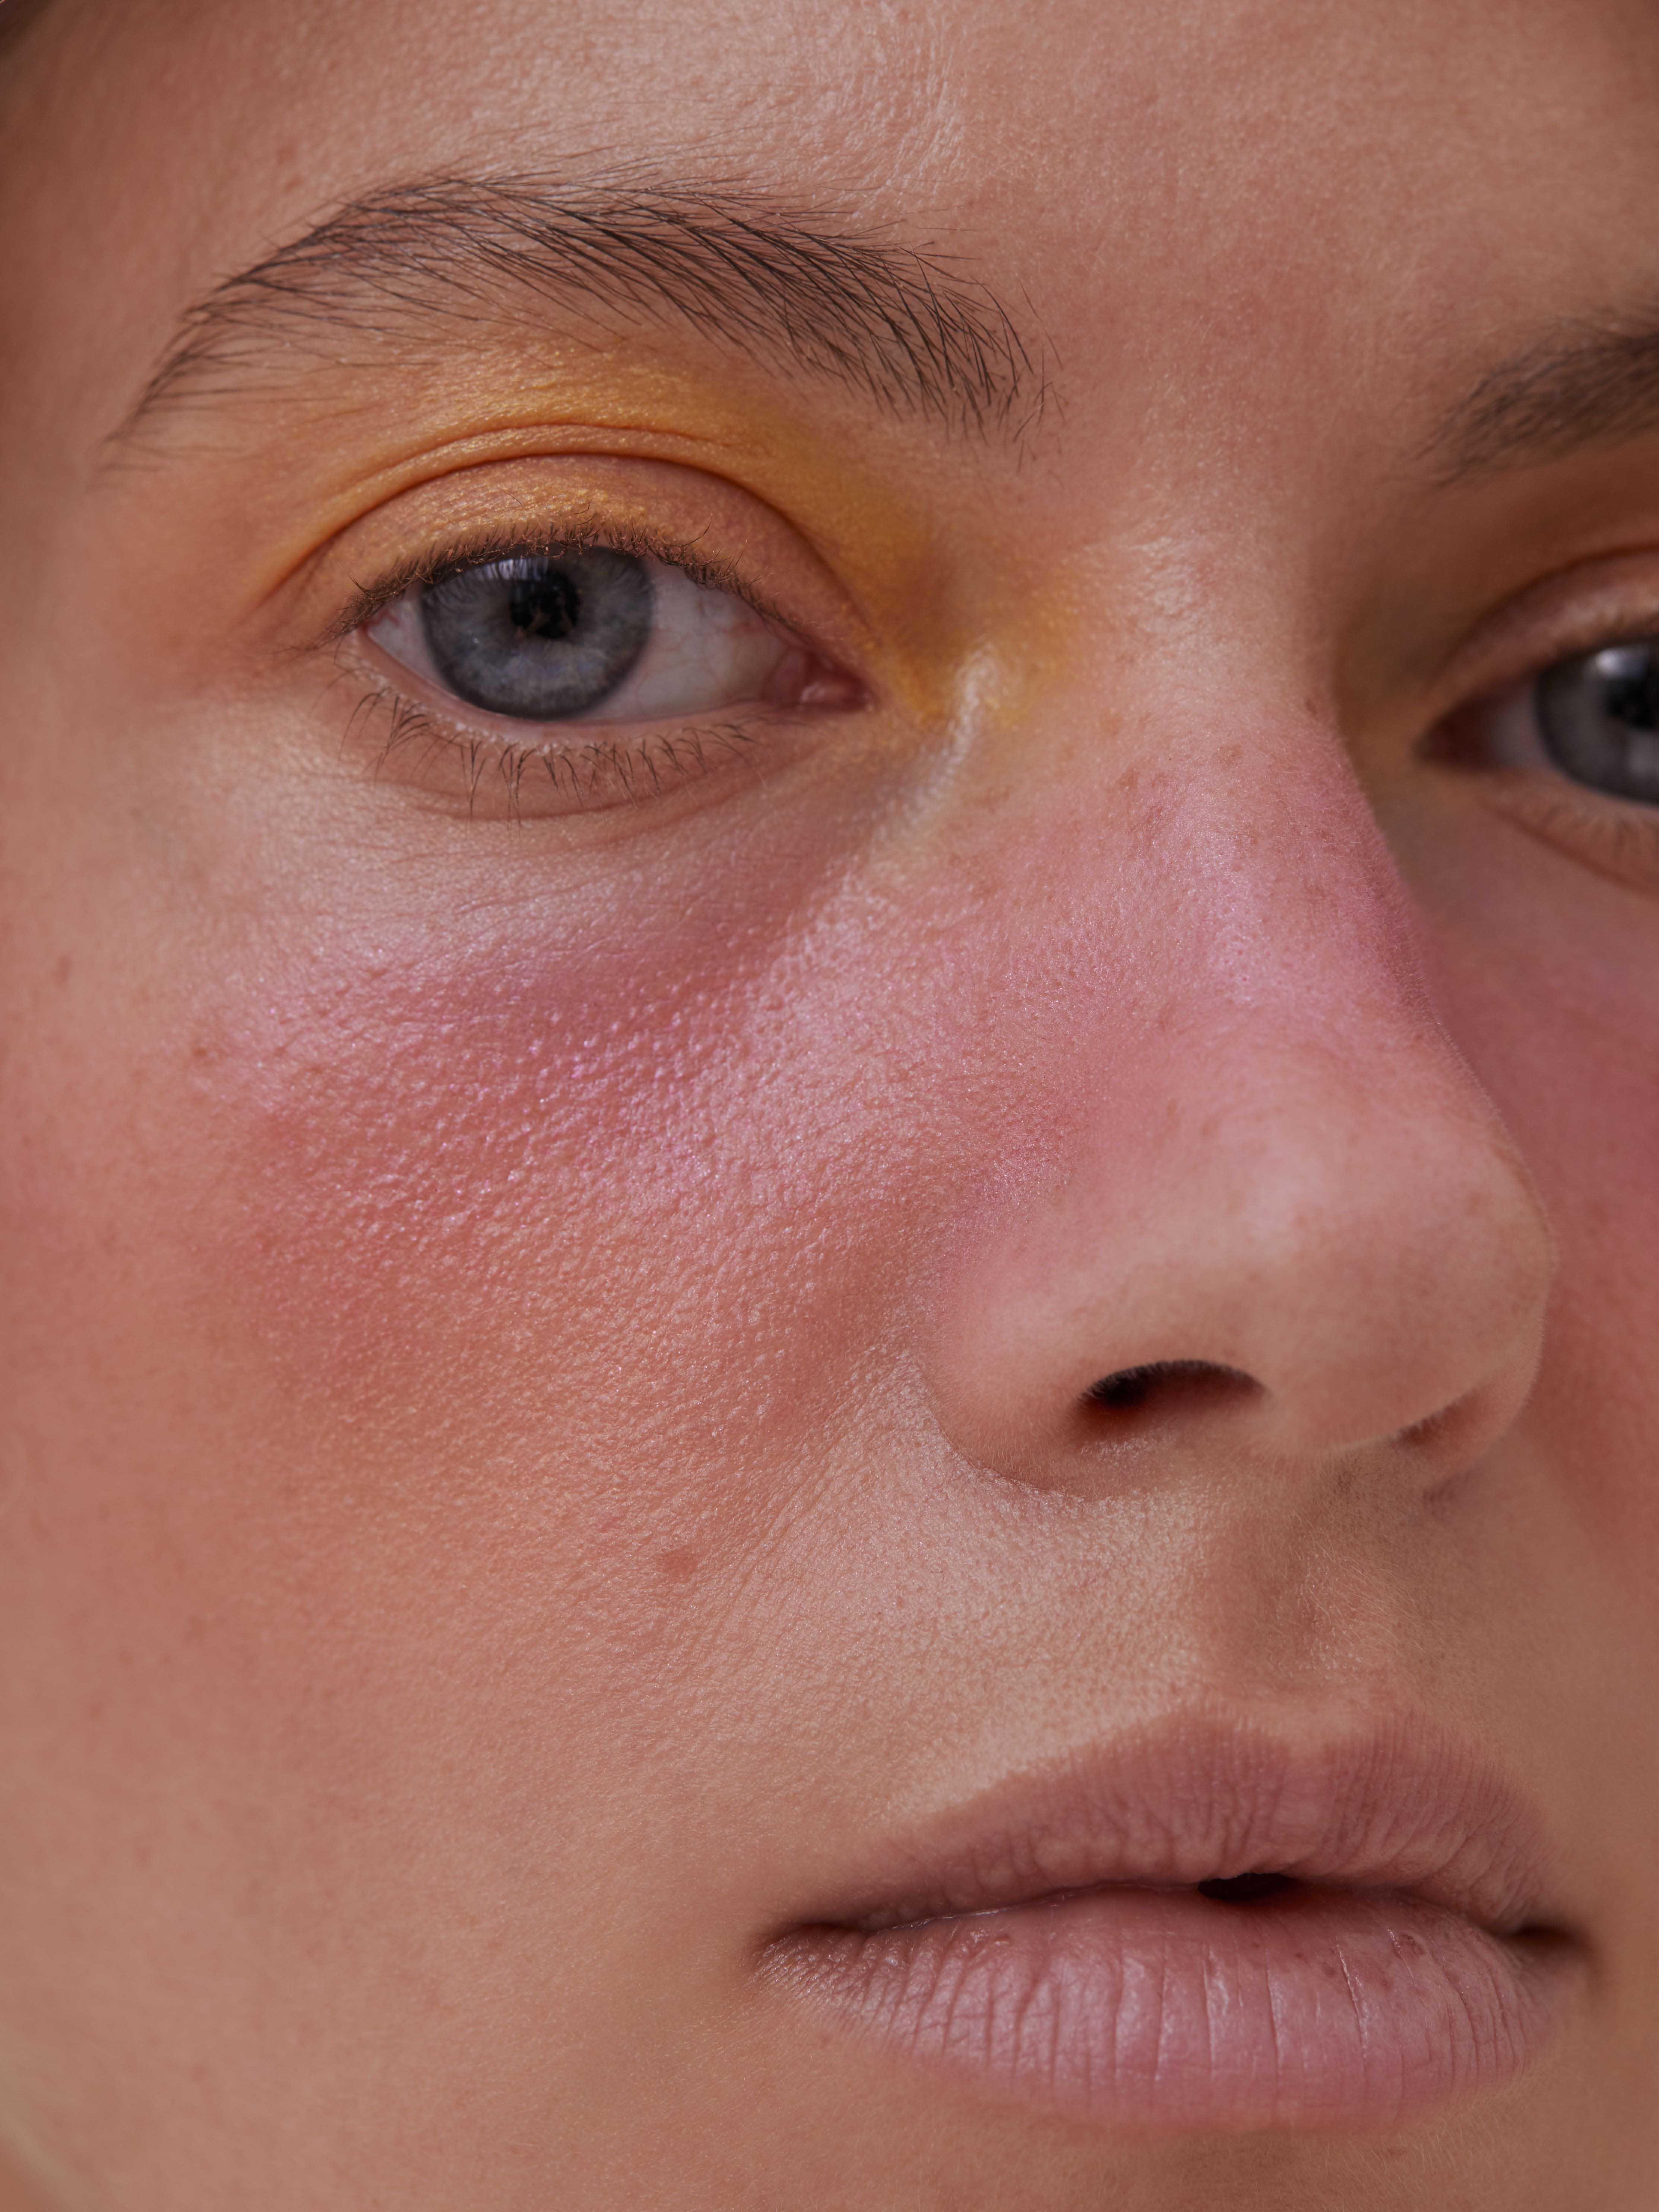 Розовый макияж на разных лицах